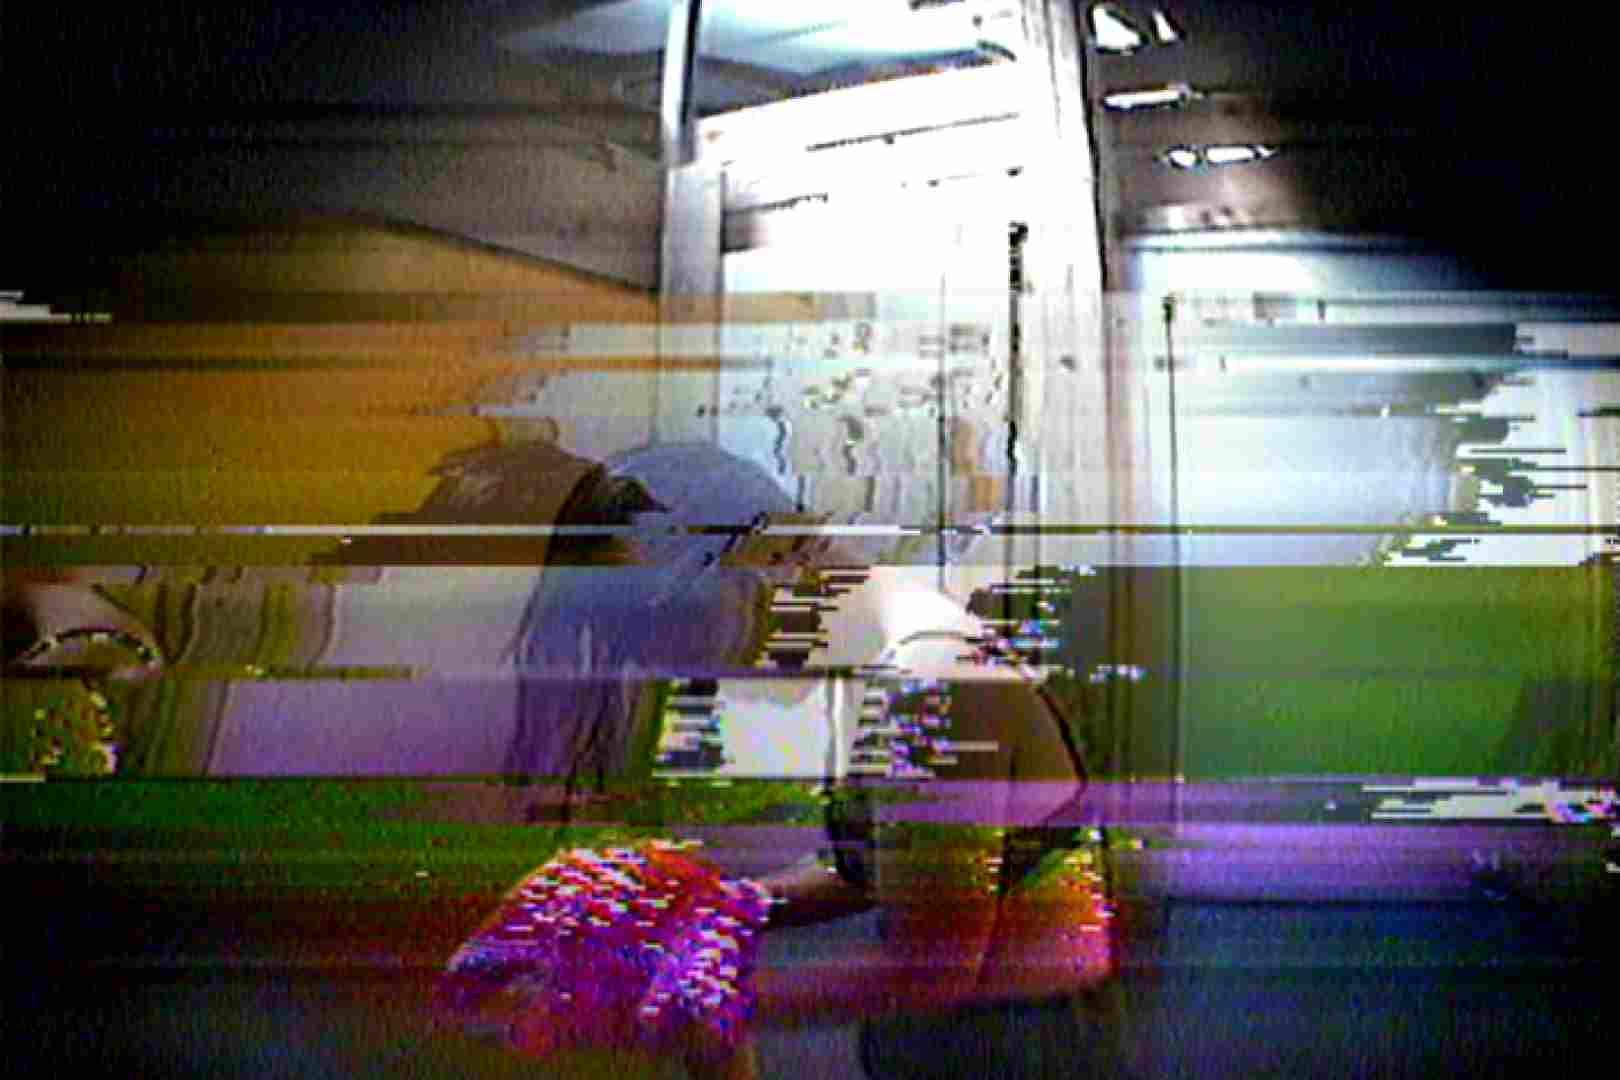 海の家の更衣室 Vol.15 美女  95pic 90